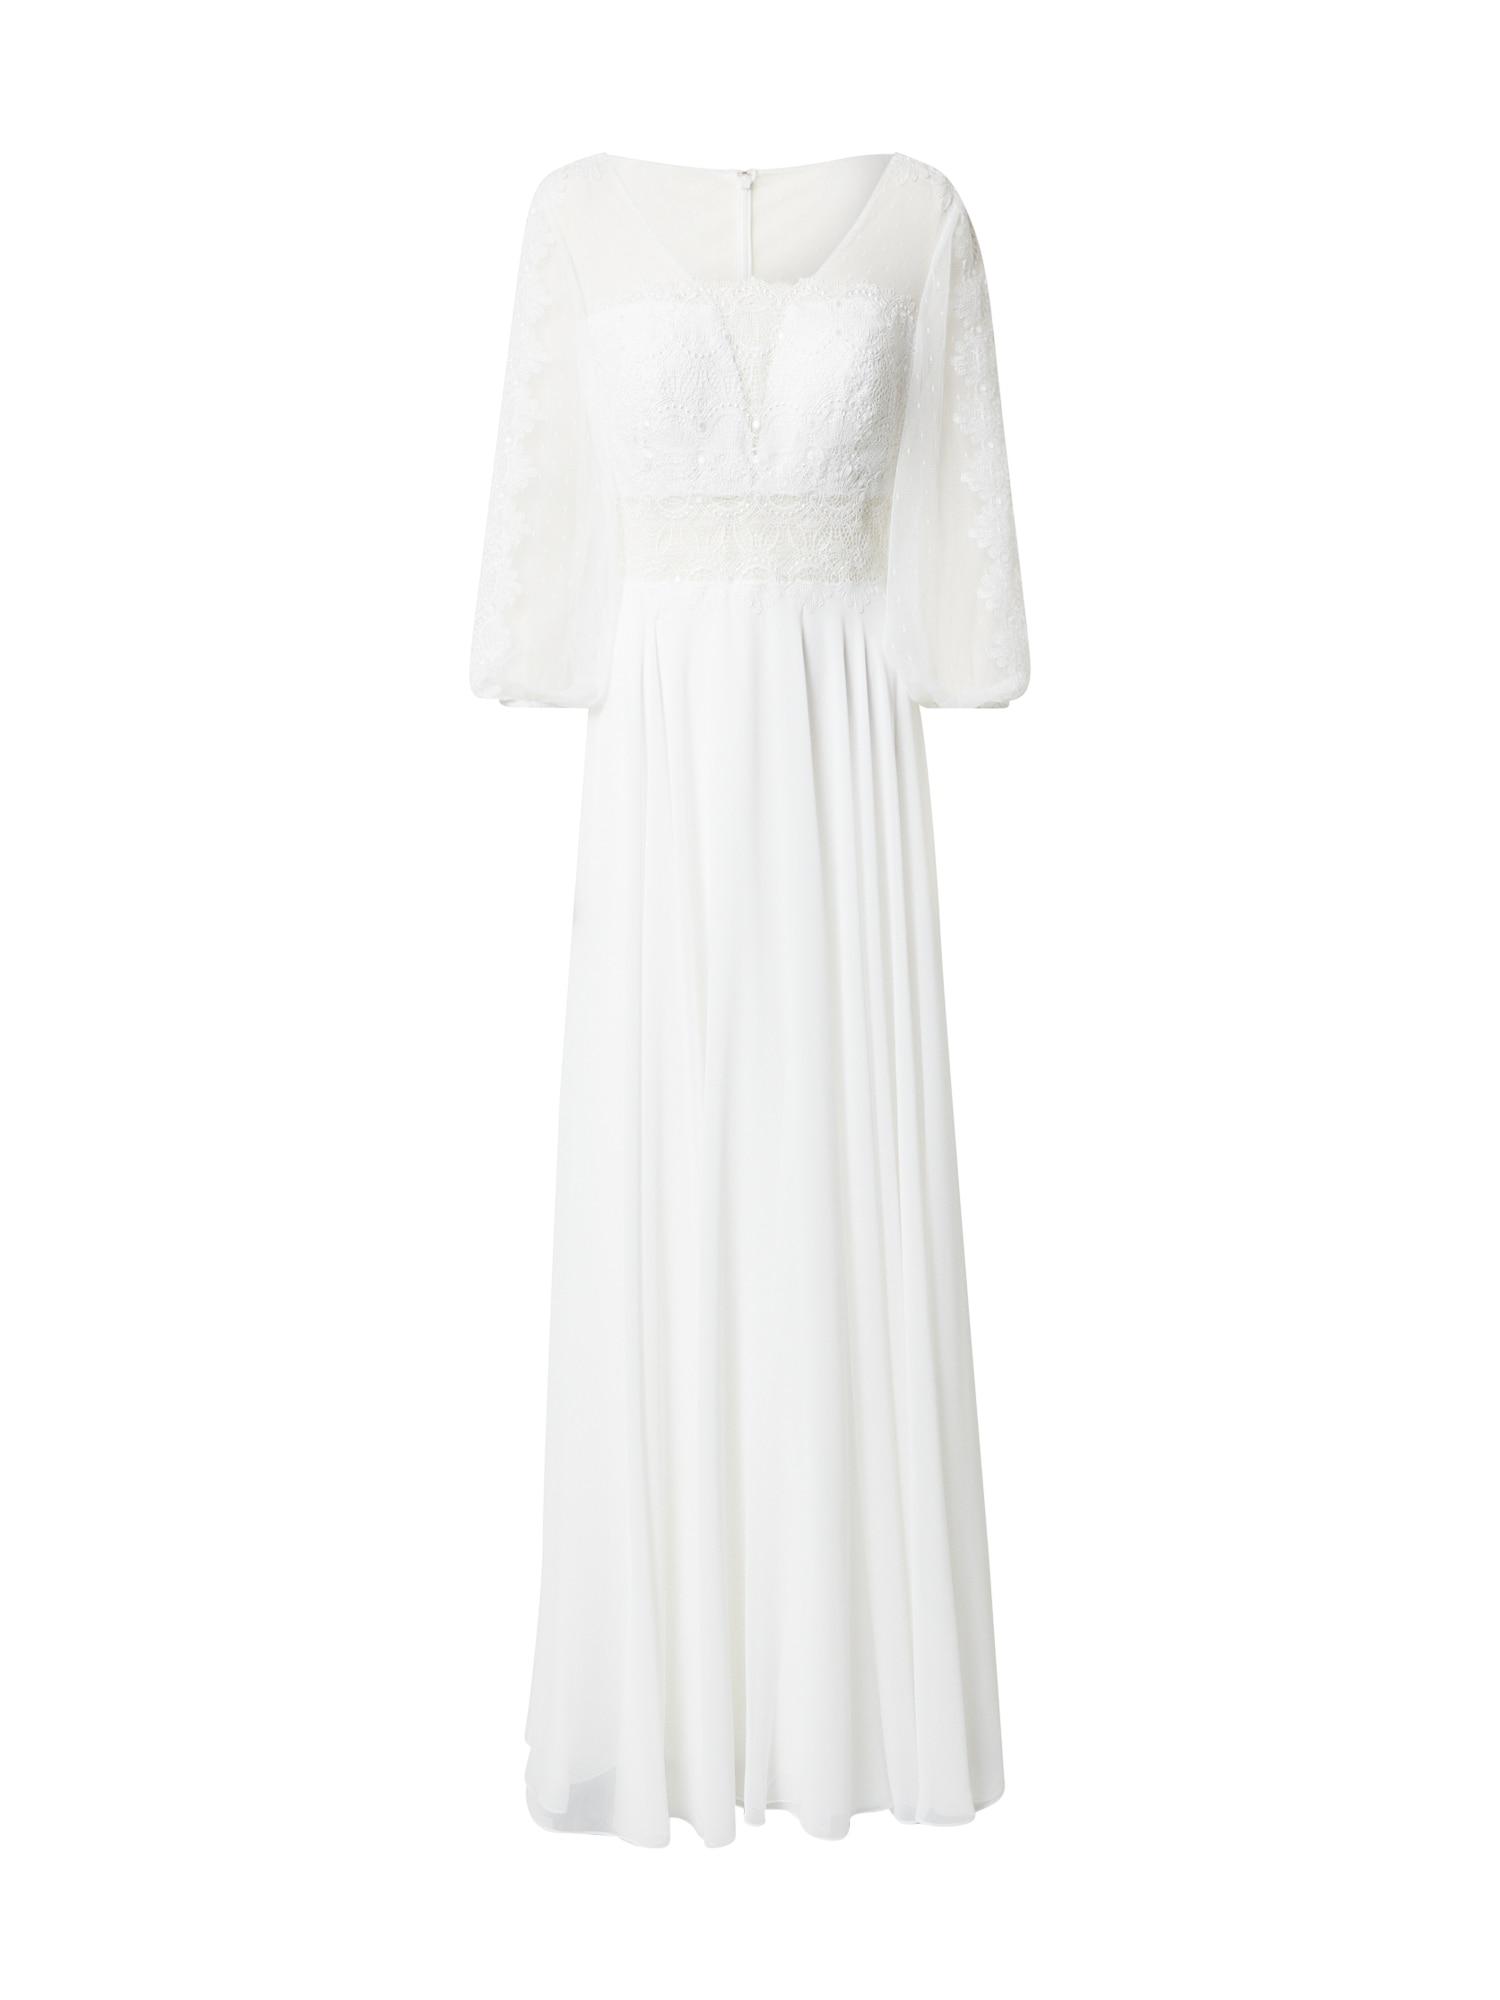 MAGIC BRIDE Vakarinė suknelė balkšva